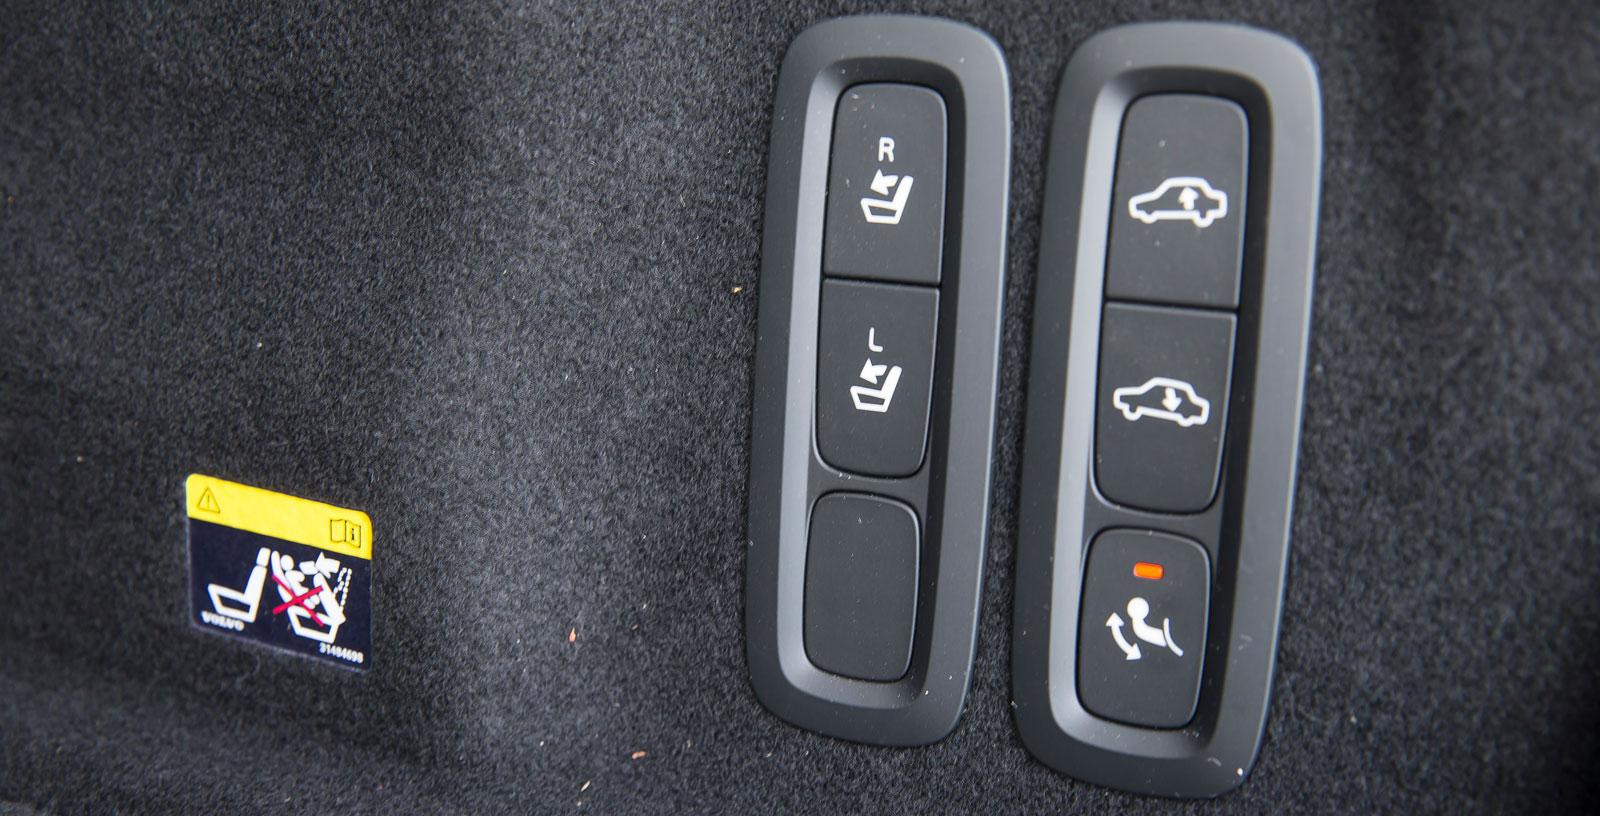 Lätt åtkomliga knappar för ryggstödsfällning, reglering av bakvagnshöjd och dragkrok finns i Volvos bagageutrymme.